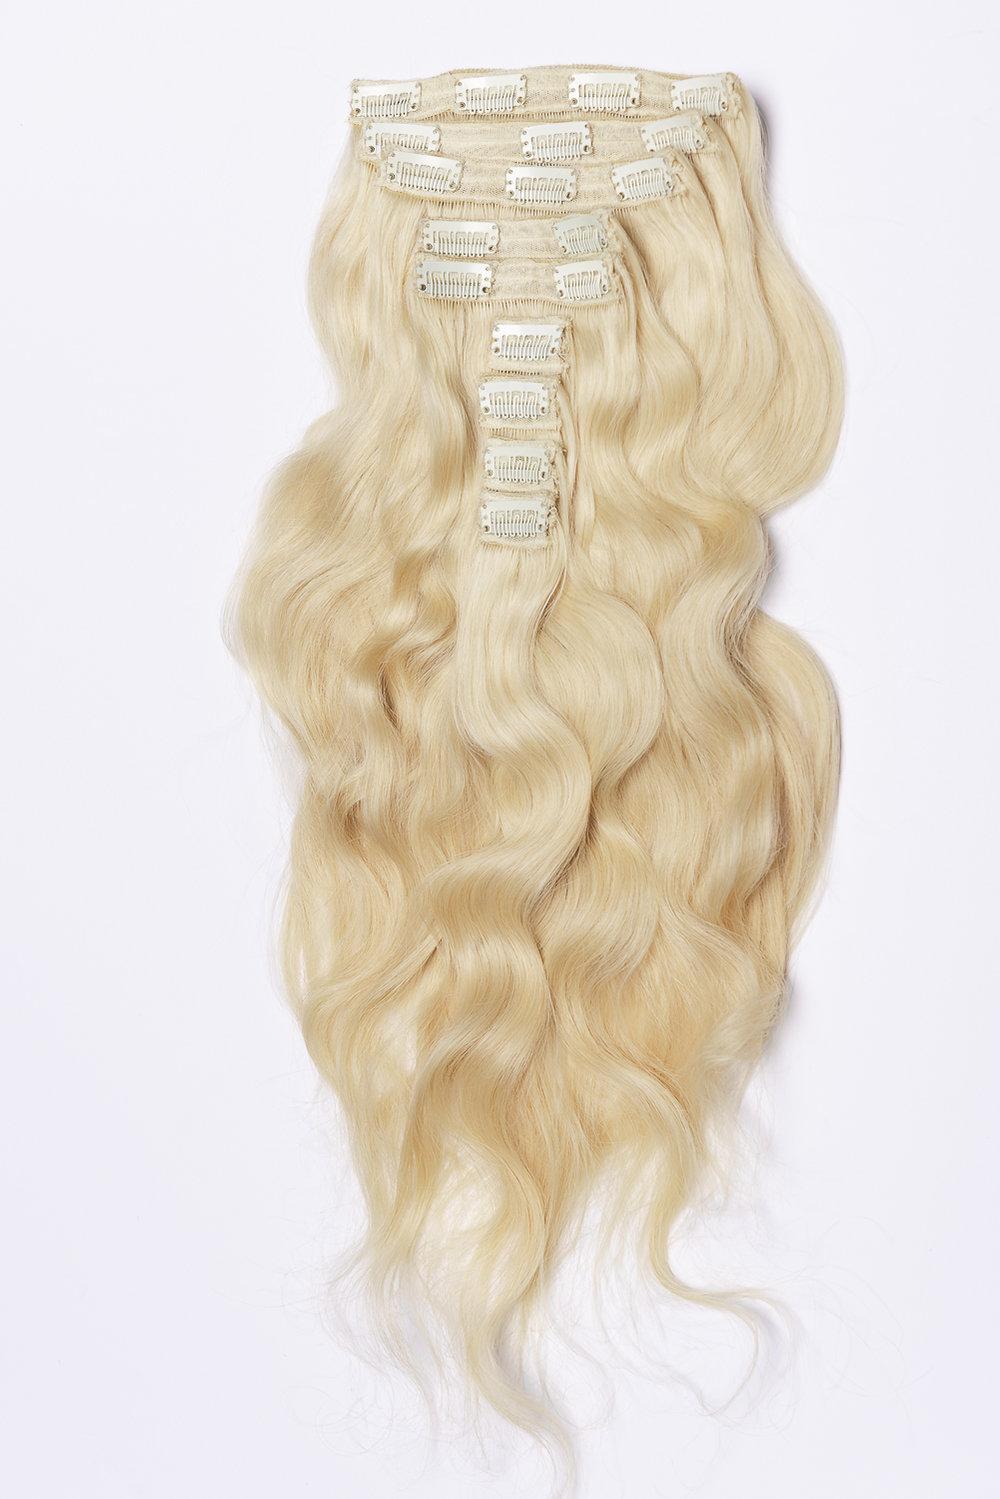 #613 Platinum Blonde